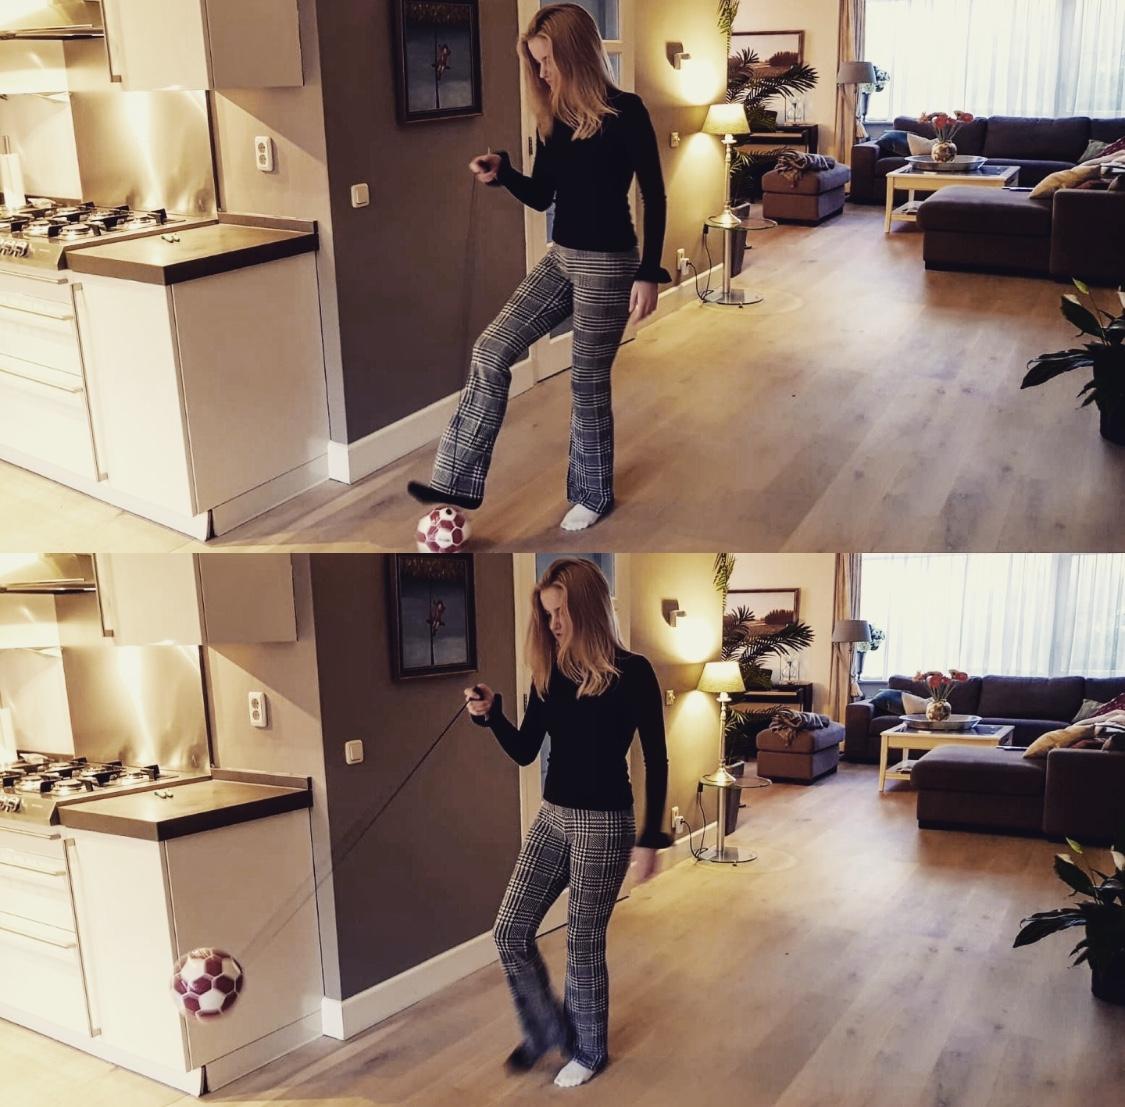 db: SKILLS kick and play